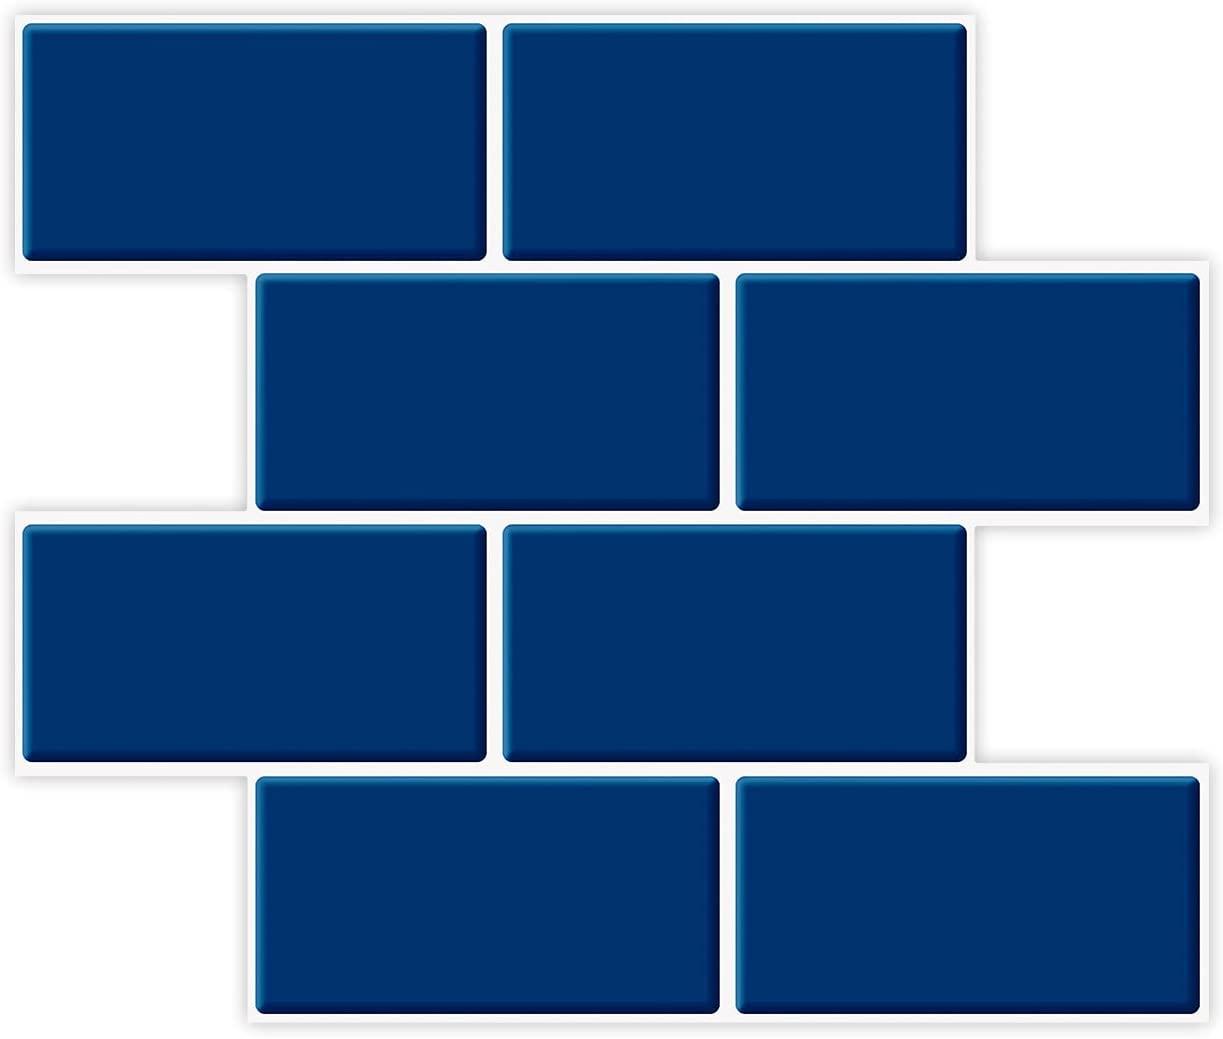 A17727-Art3d Subway Tiles Peel and Stick Backsplash, Stick on Tiles Kitchen Backsplash (10 Tiles, Thicker Version)